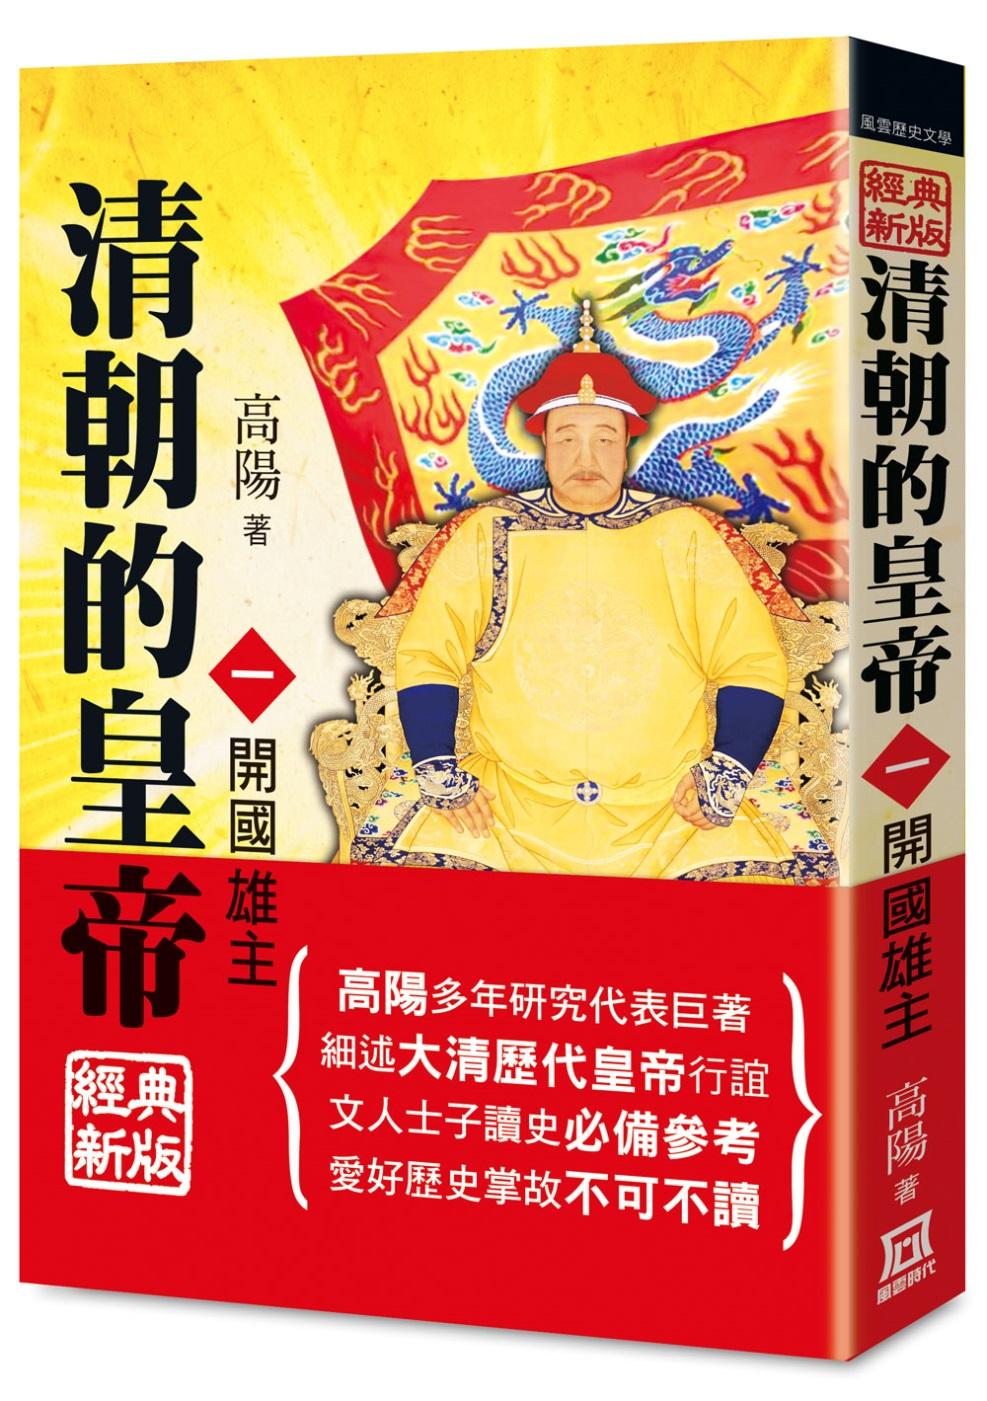 清朝的皇帝(一)...